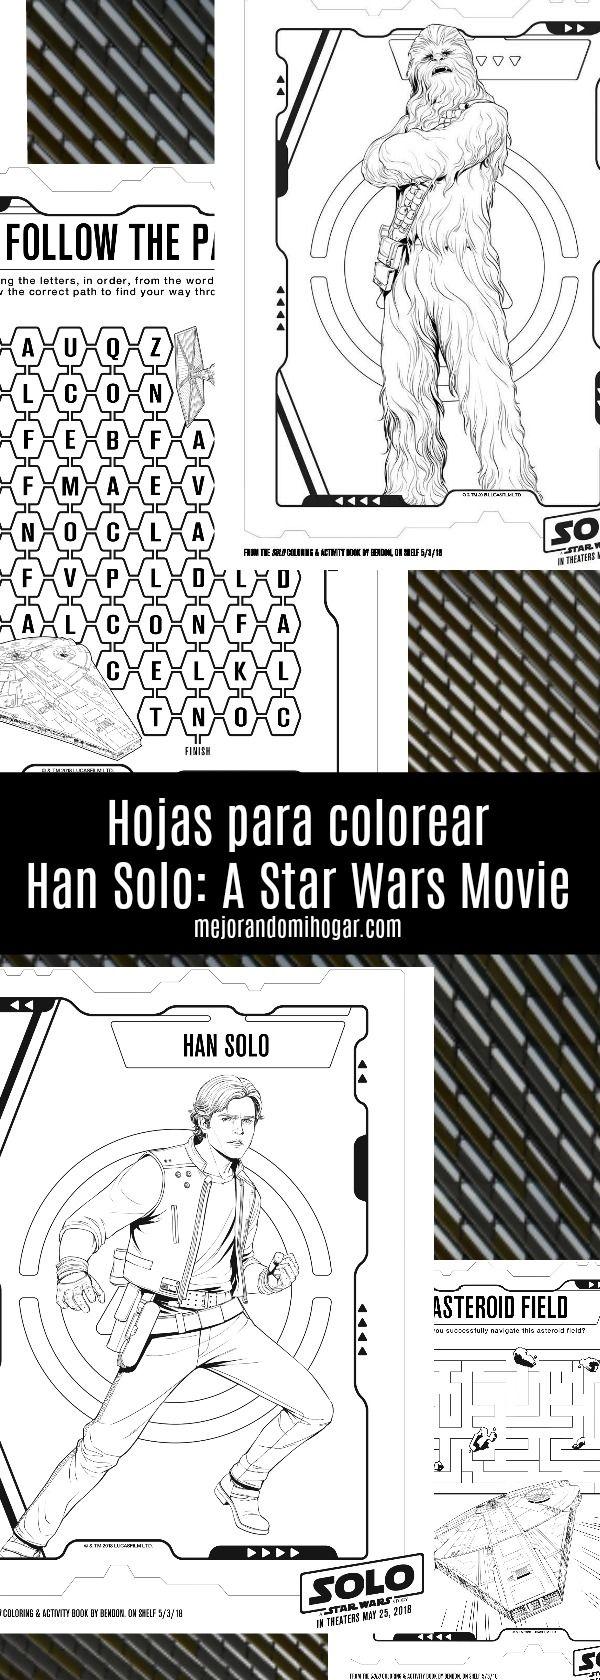 Increíble Volver A La Escuela Para Colorear Hojas Imprimibles Imagen ...